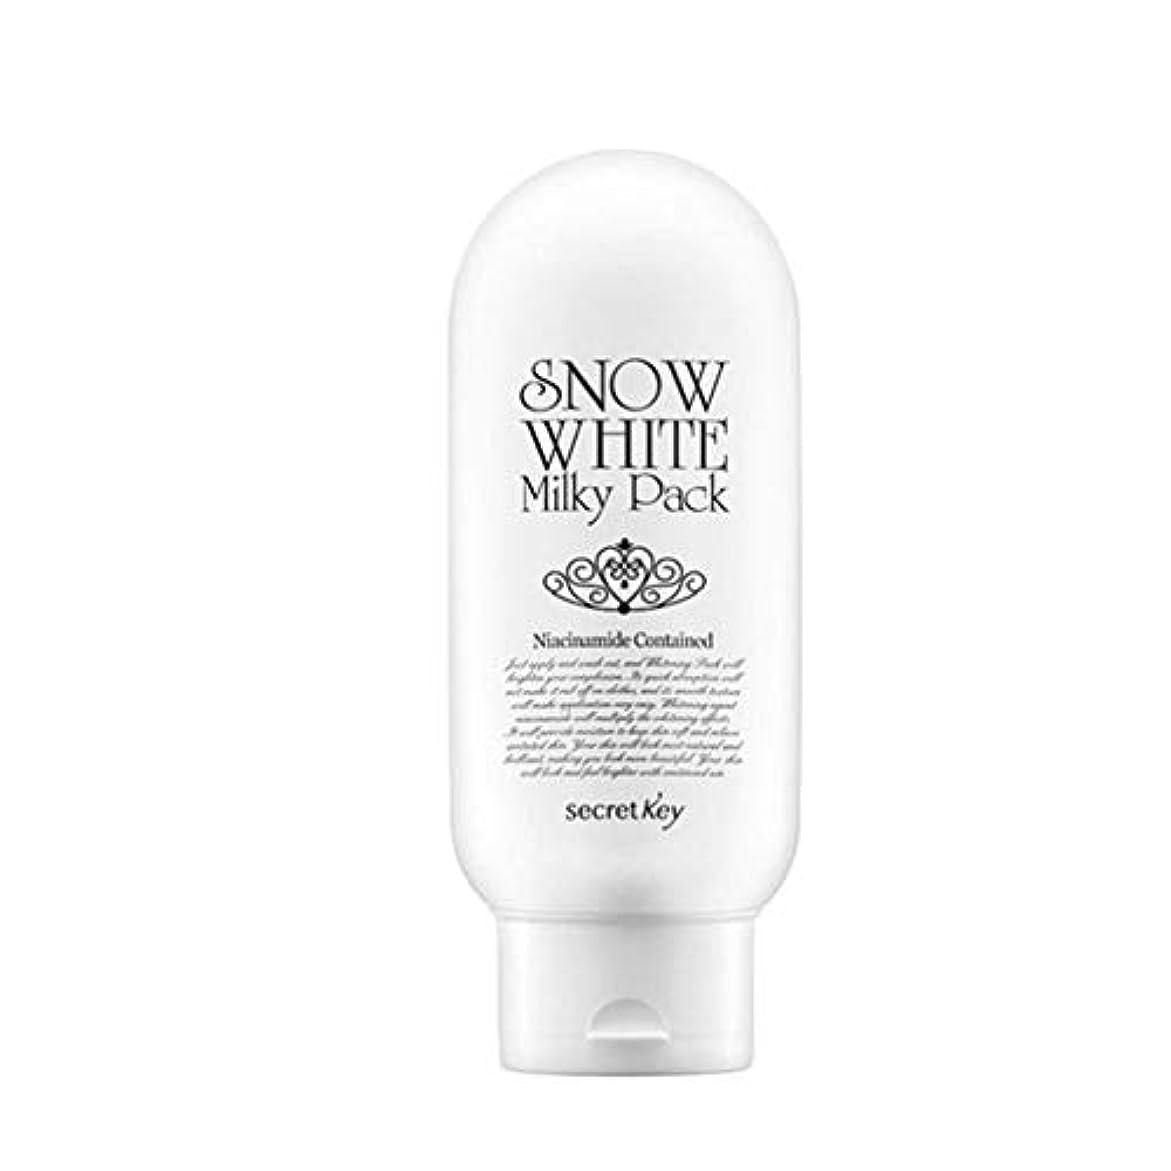 判決助言鼓舞するシークレットキースノーホワイトミルキーパック200g韓国コスメ、Secret Key Snow White Milky Pack 200g Korean Cosmetics [並行輸入品]